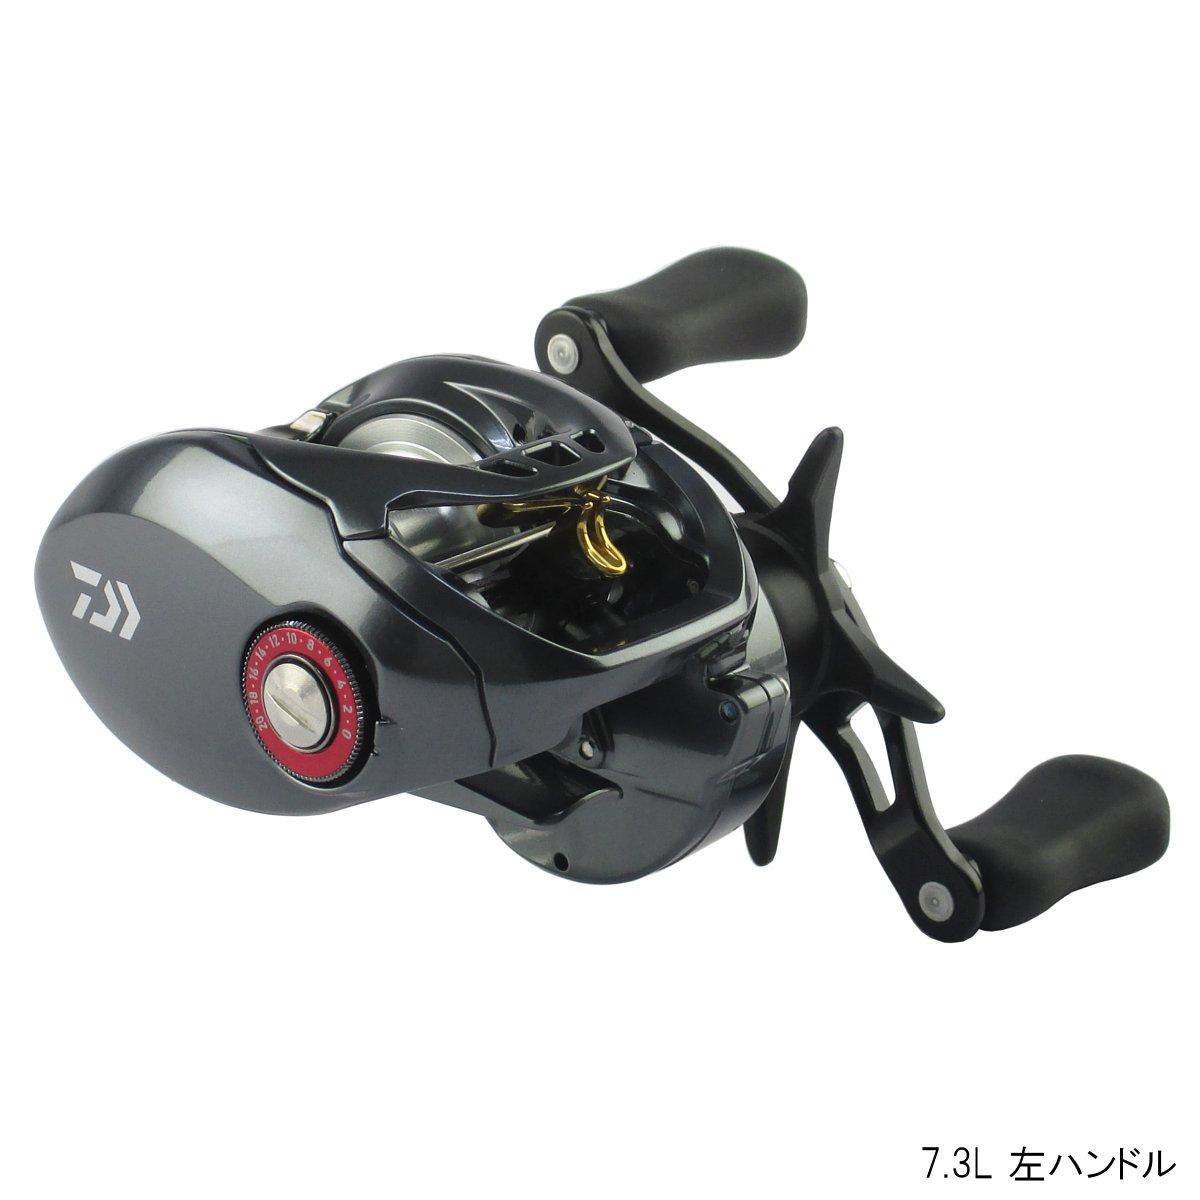 ダイワ タトゥーラ SV TW 7.3L 左ハンドル【送料無料】